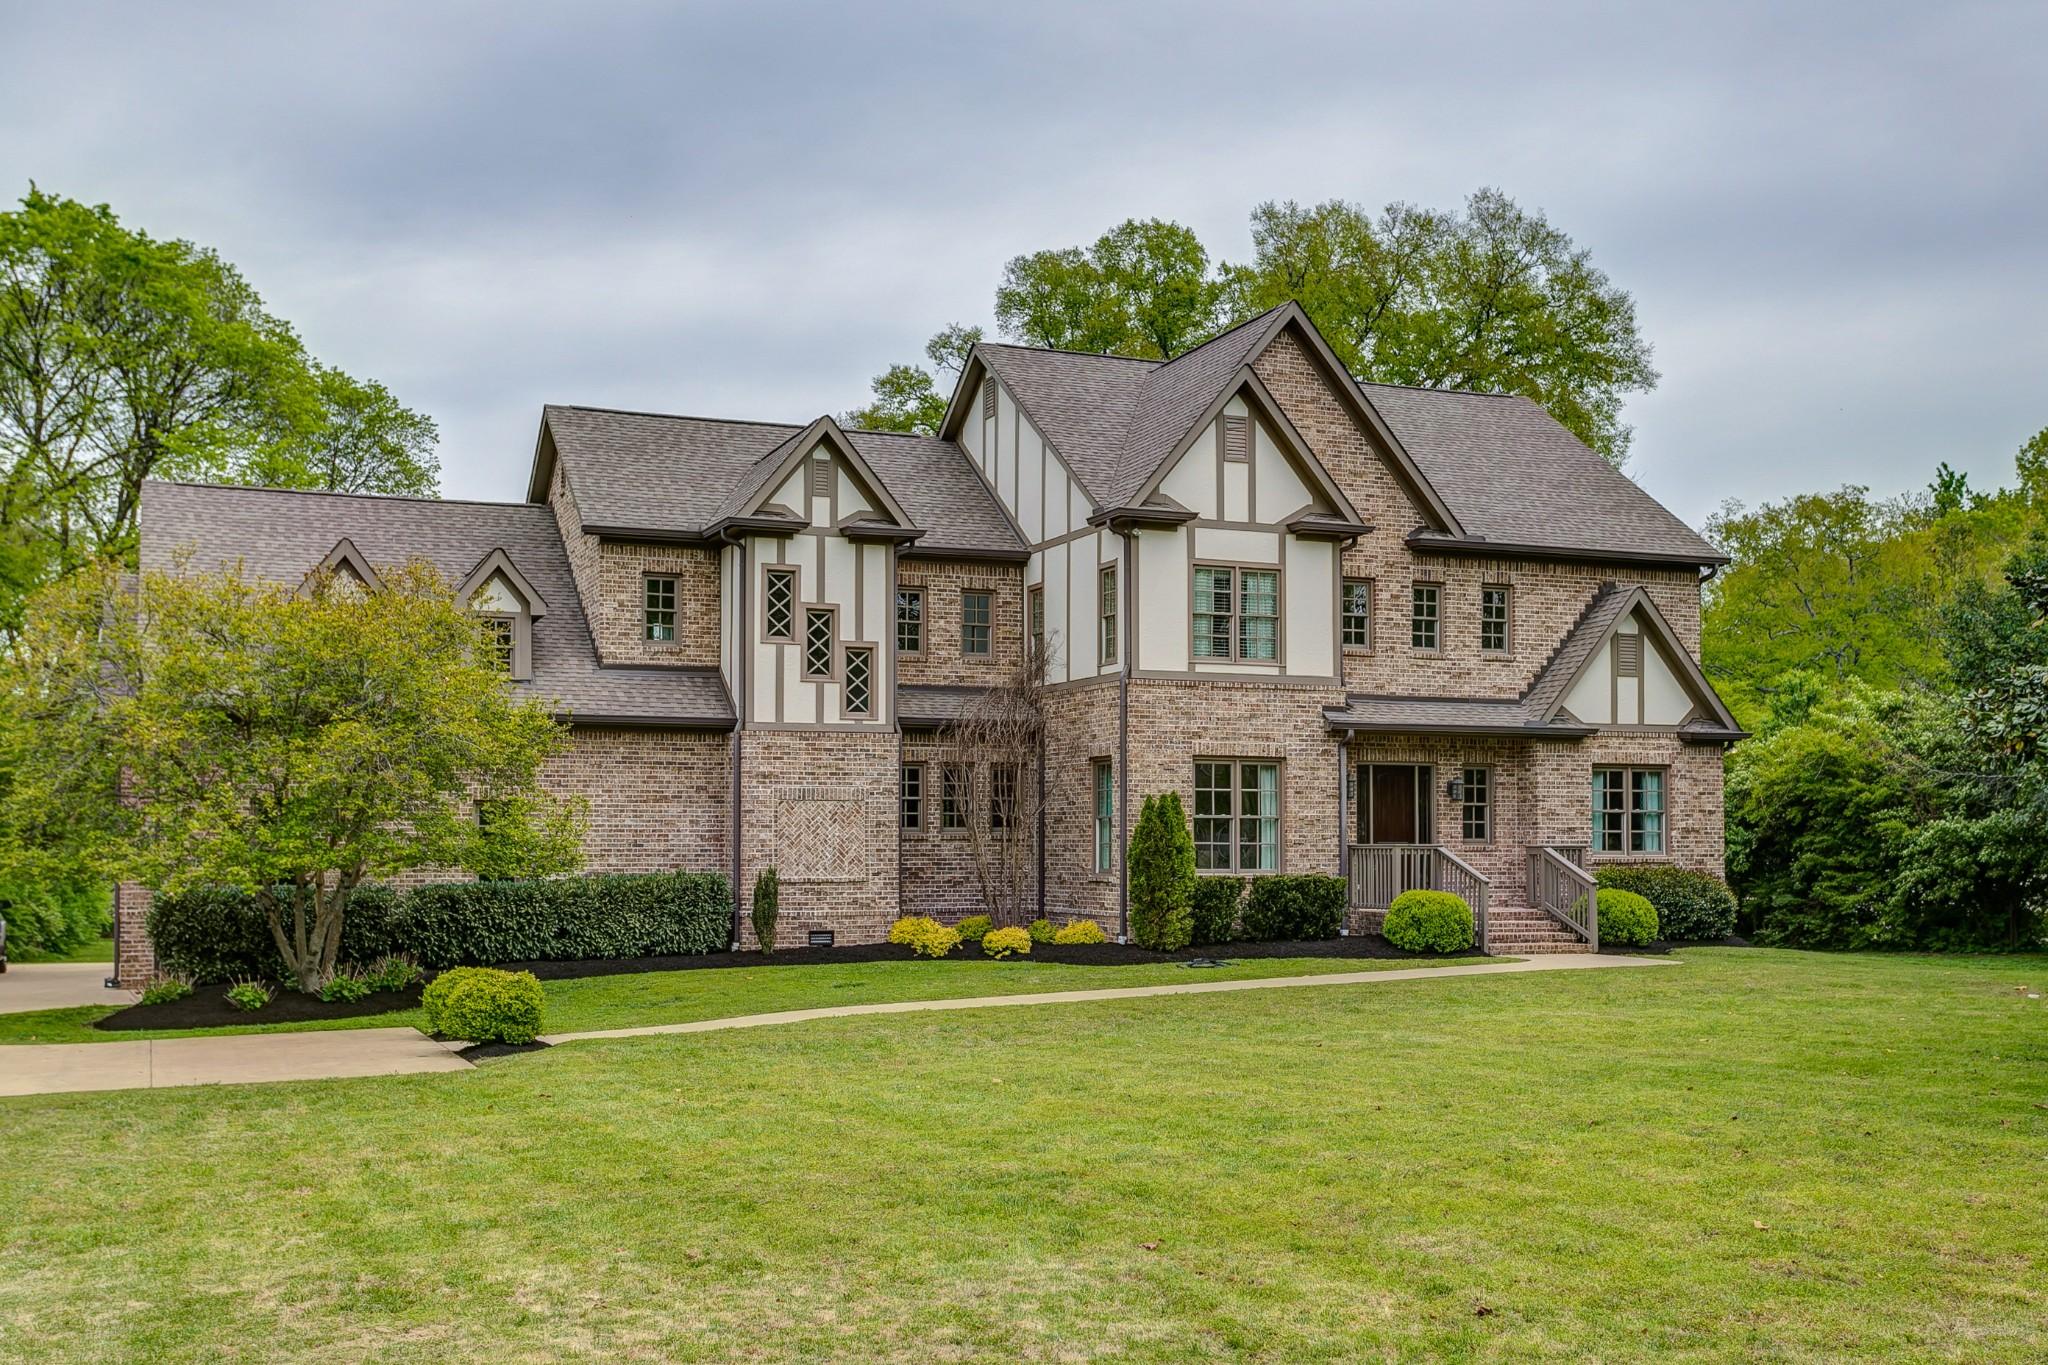 884 Van Leer Dr, Nashville, TN 37220 - Nashville, TN real estate listing